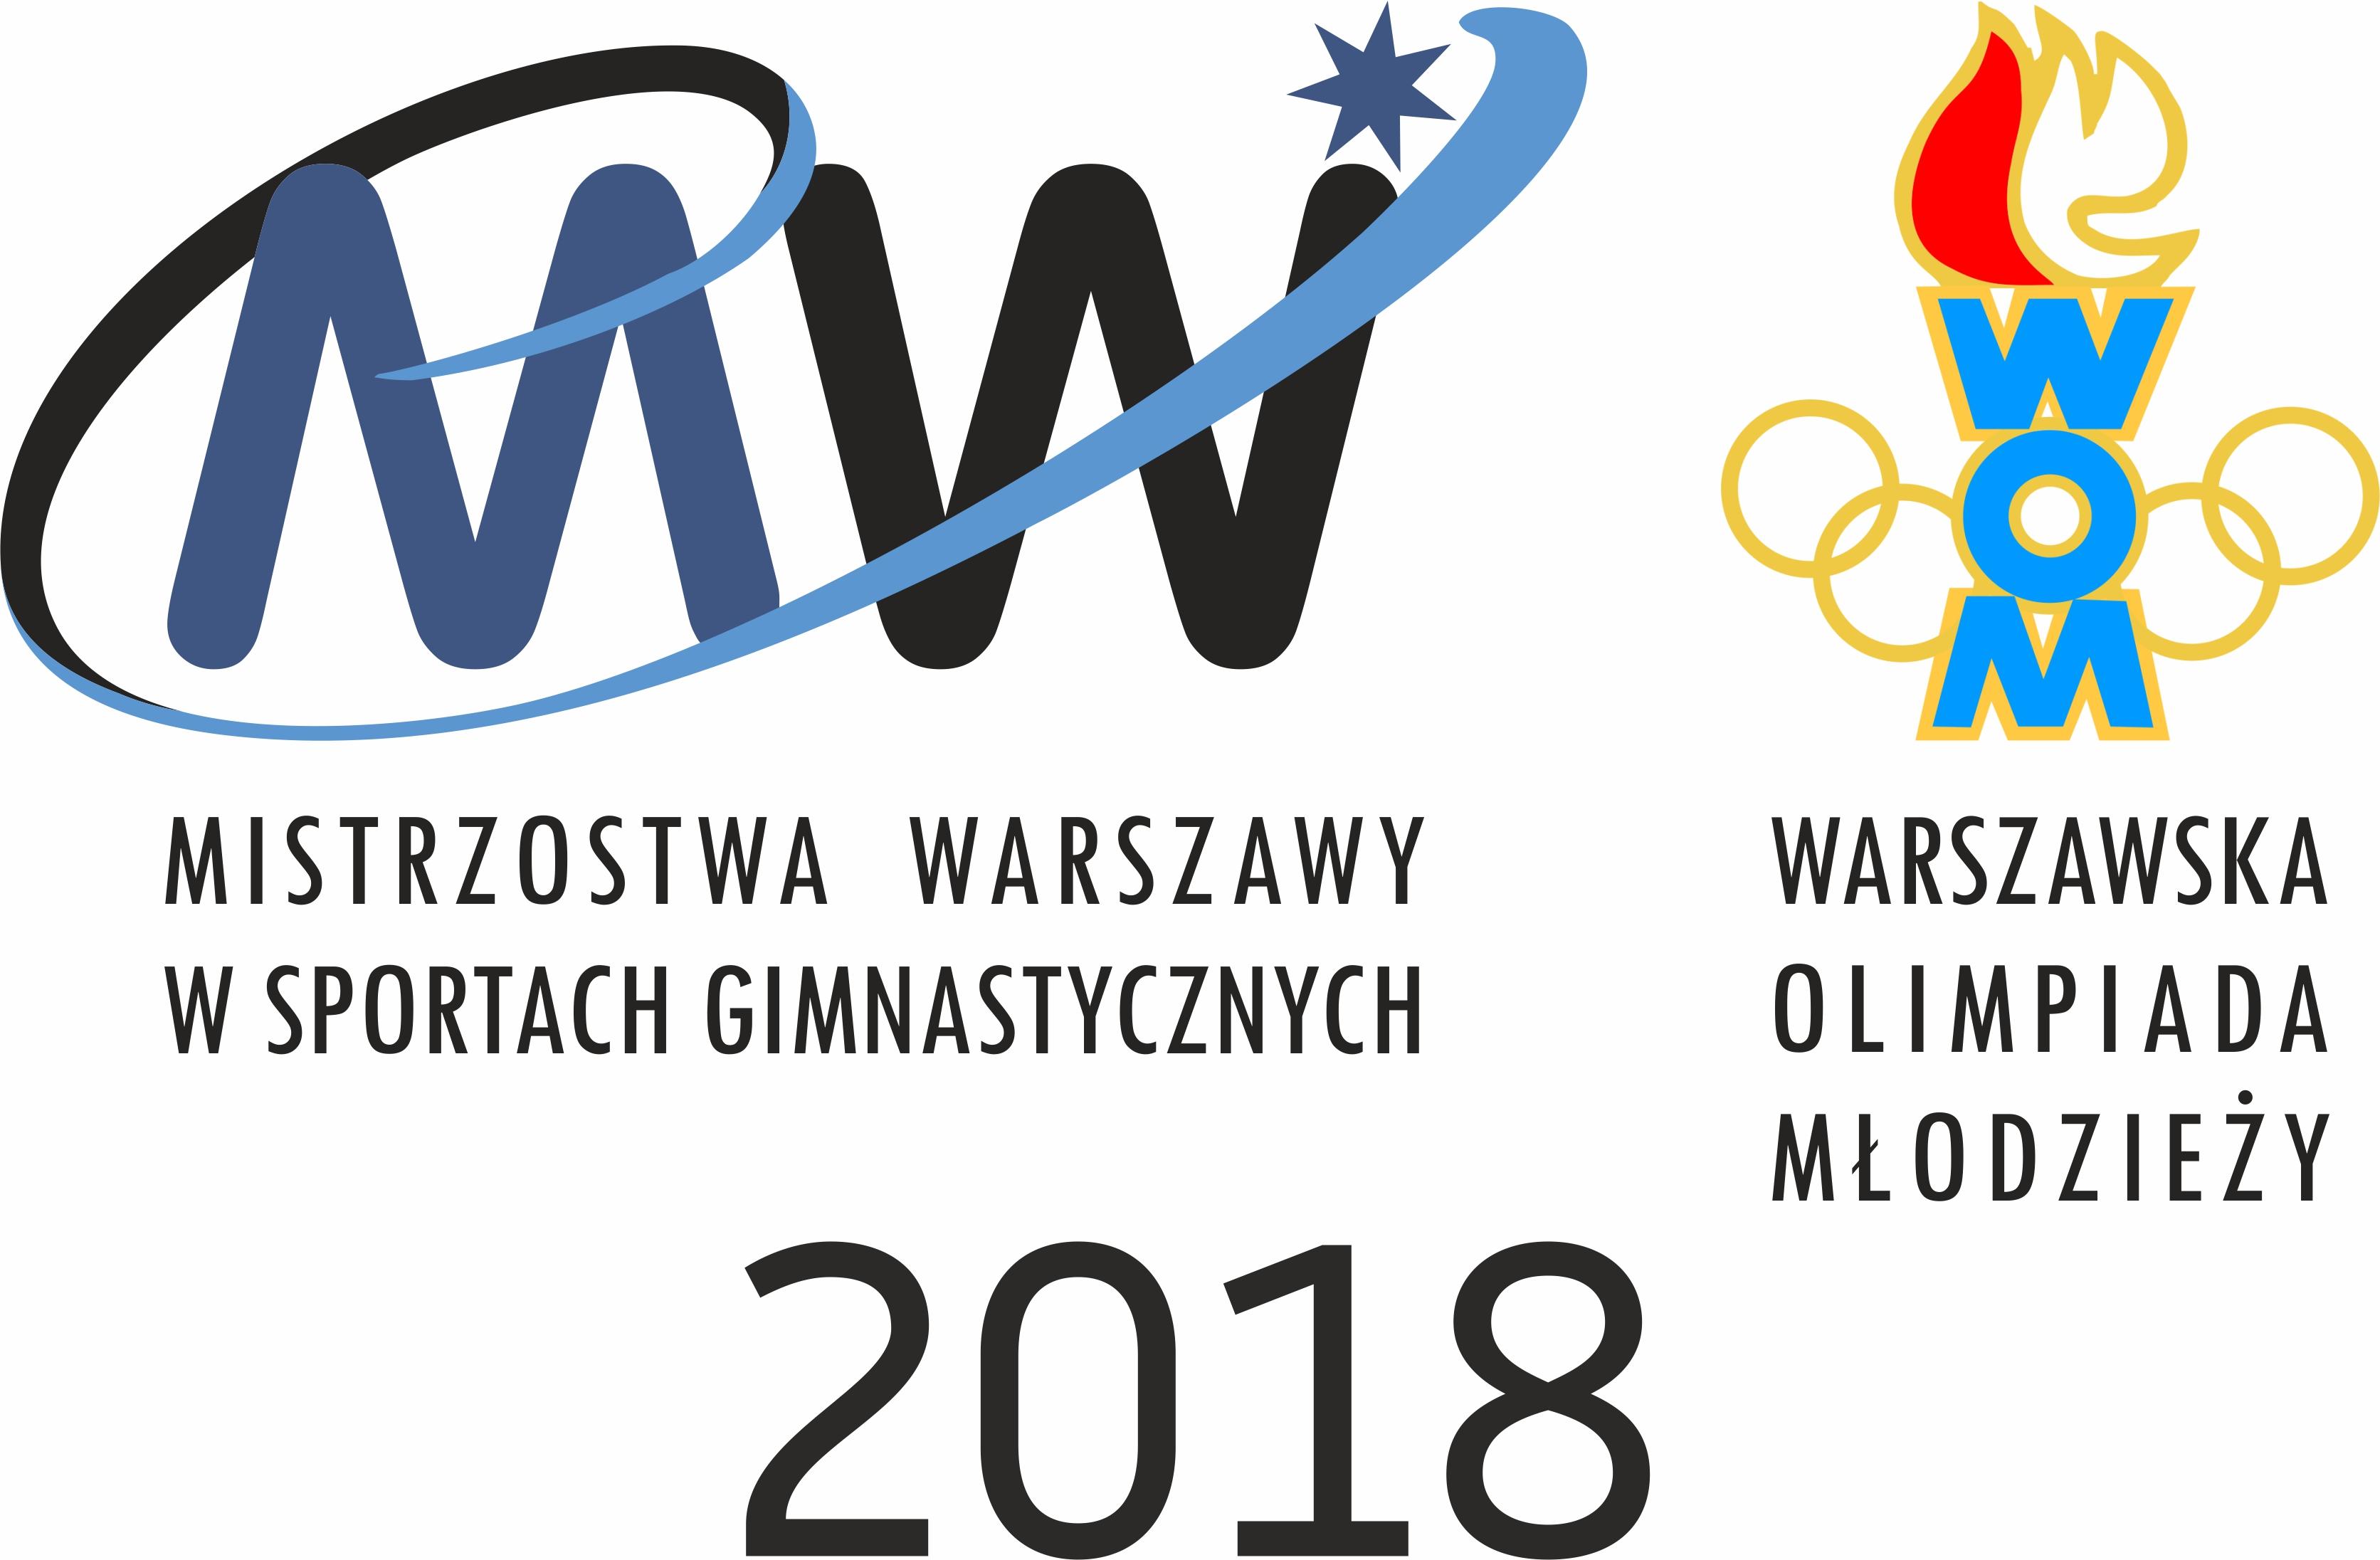 Warszawska Olimpiada Młodzieży w relacji klubowej – ranking 2018